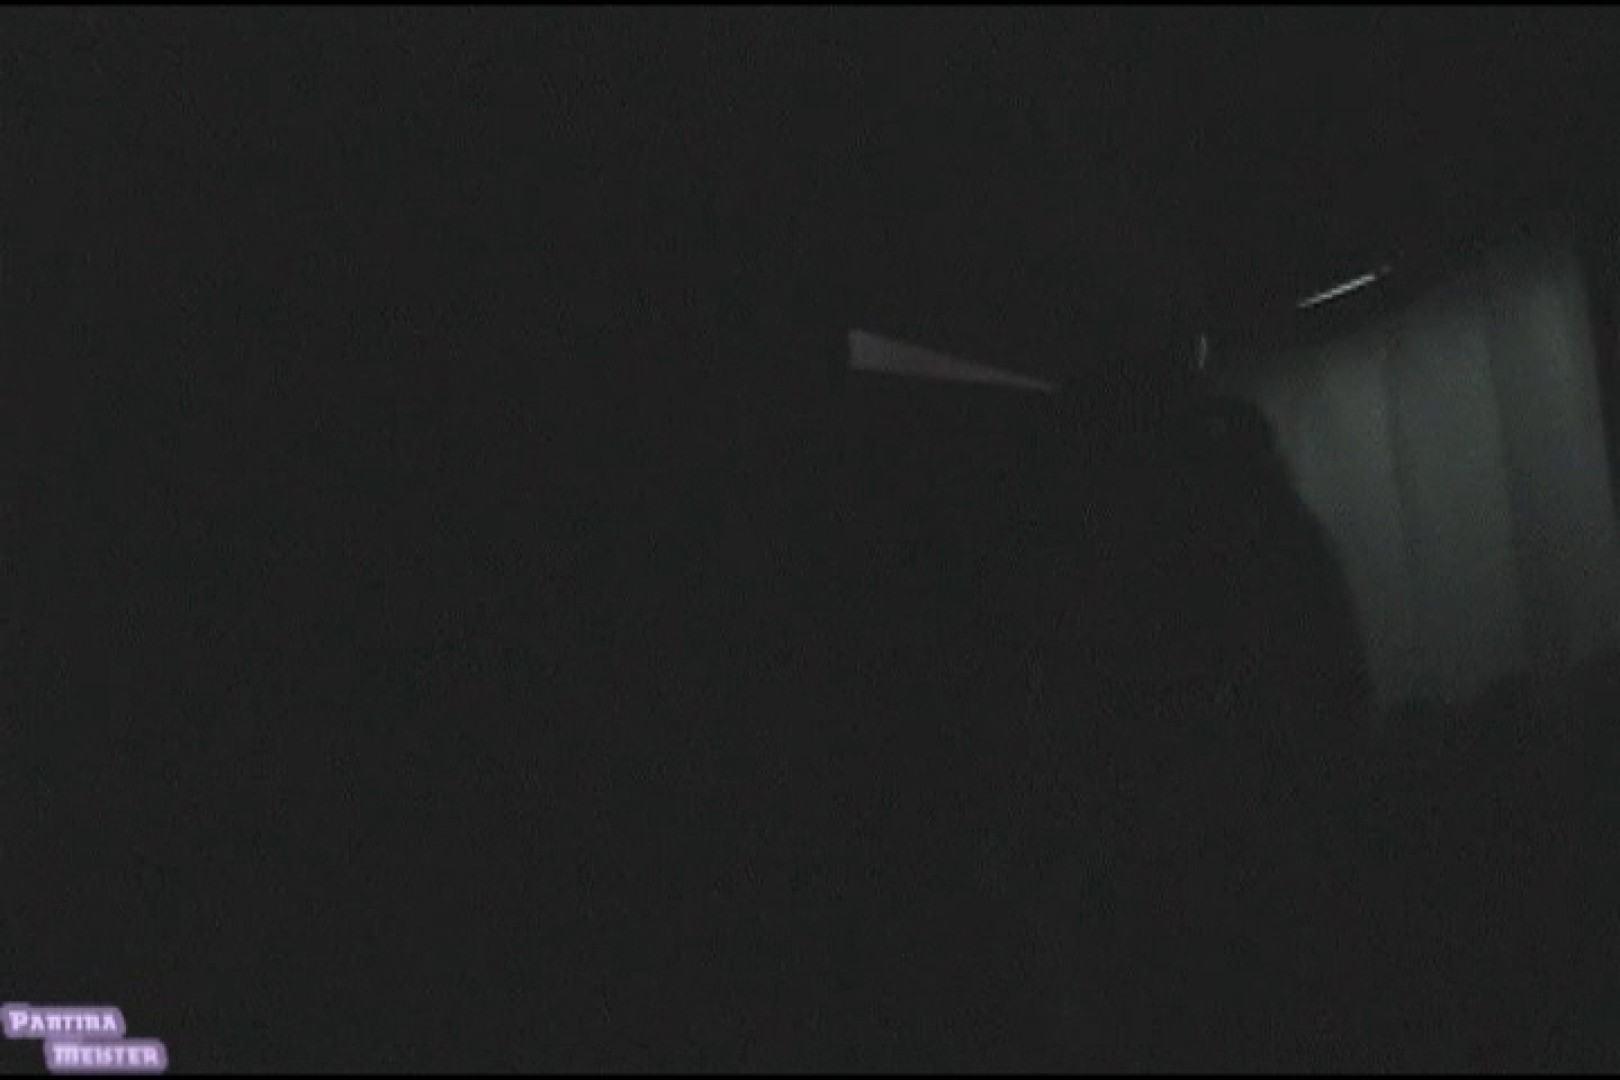 オリジナルパンチラ No.179 チラ歓迎 | 新入生パンチラ  102pic 67